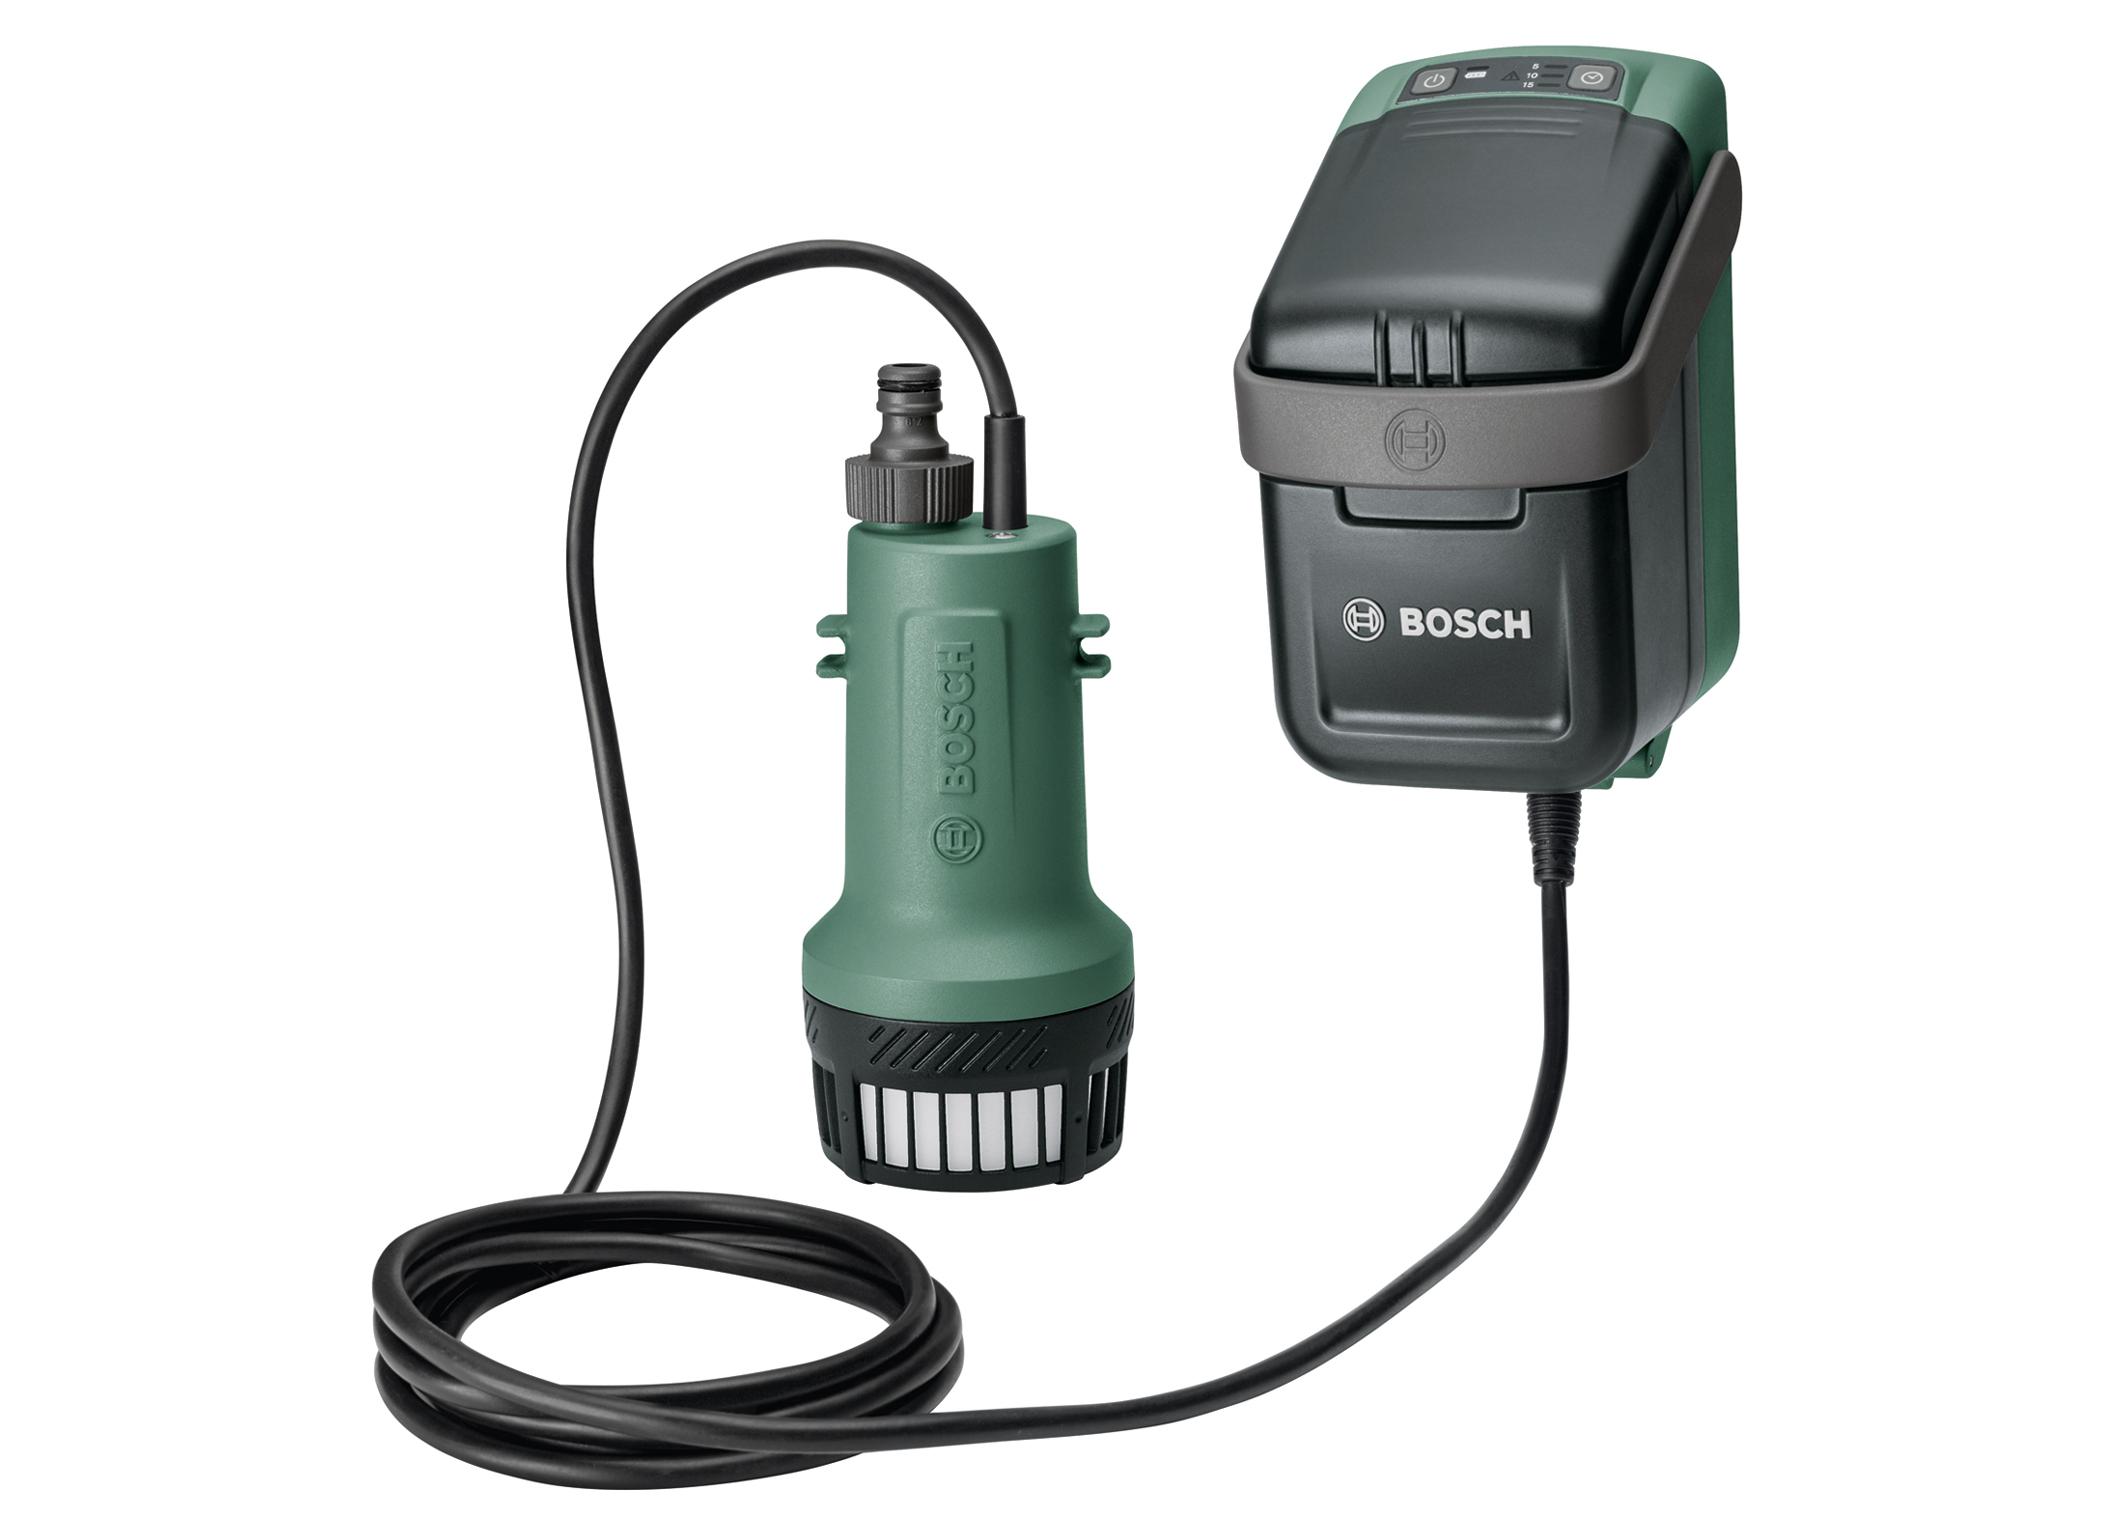 """Rozšíření 18-voltového systému """"Power for All"""": První akumulátorové čerpadlo na dešťovou vodu od společnosti Bosch"""